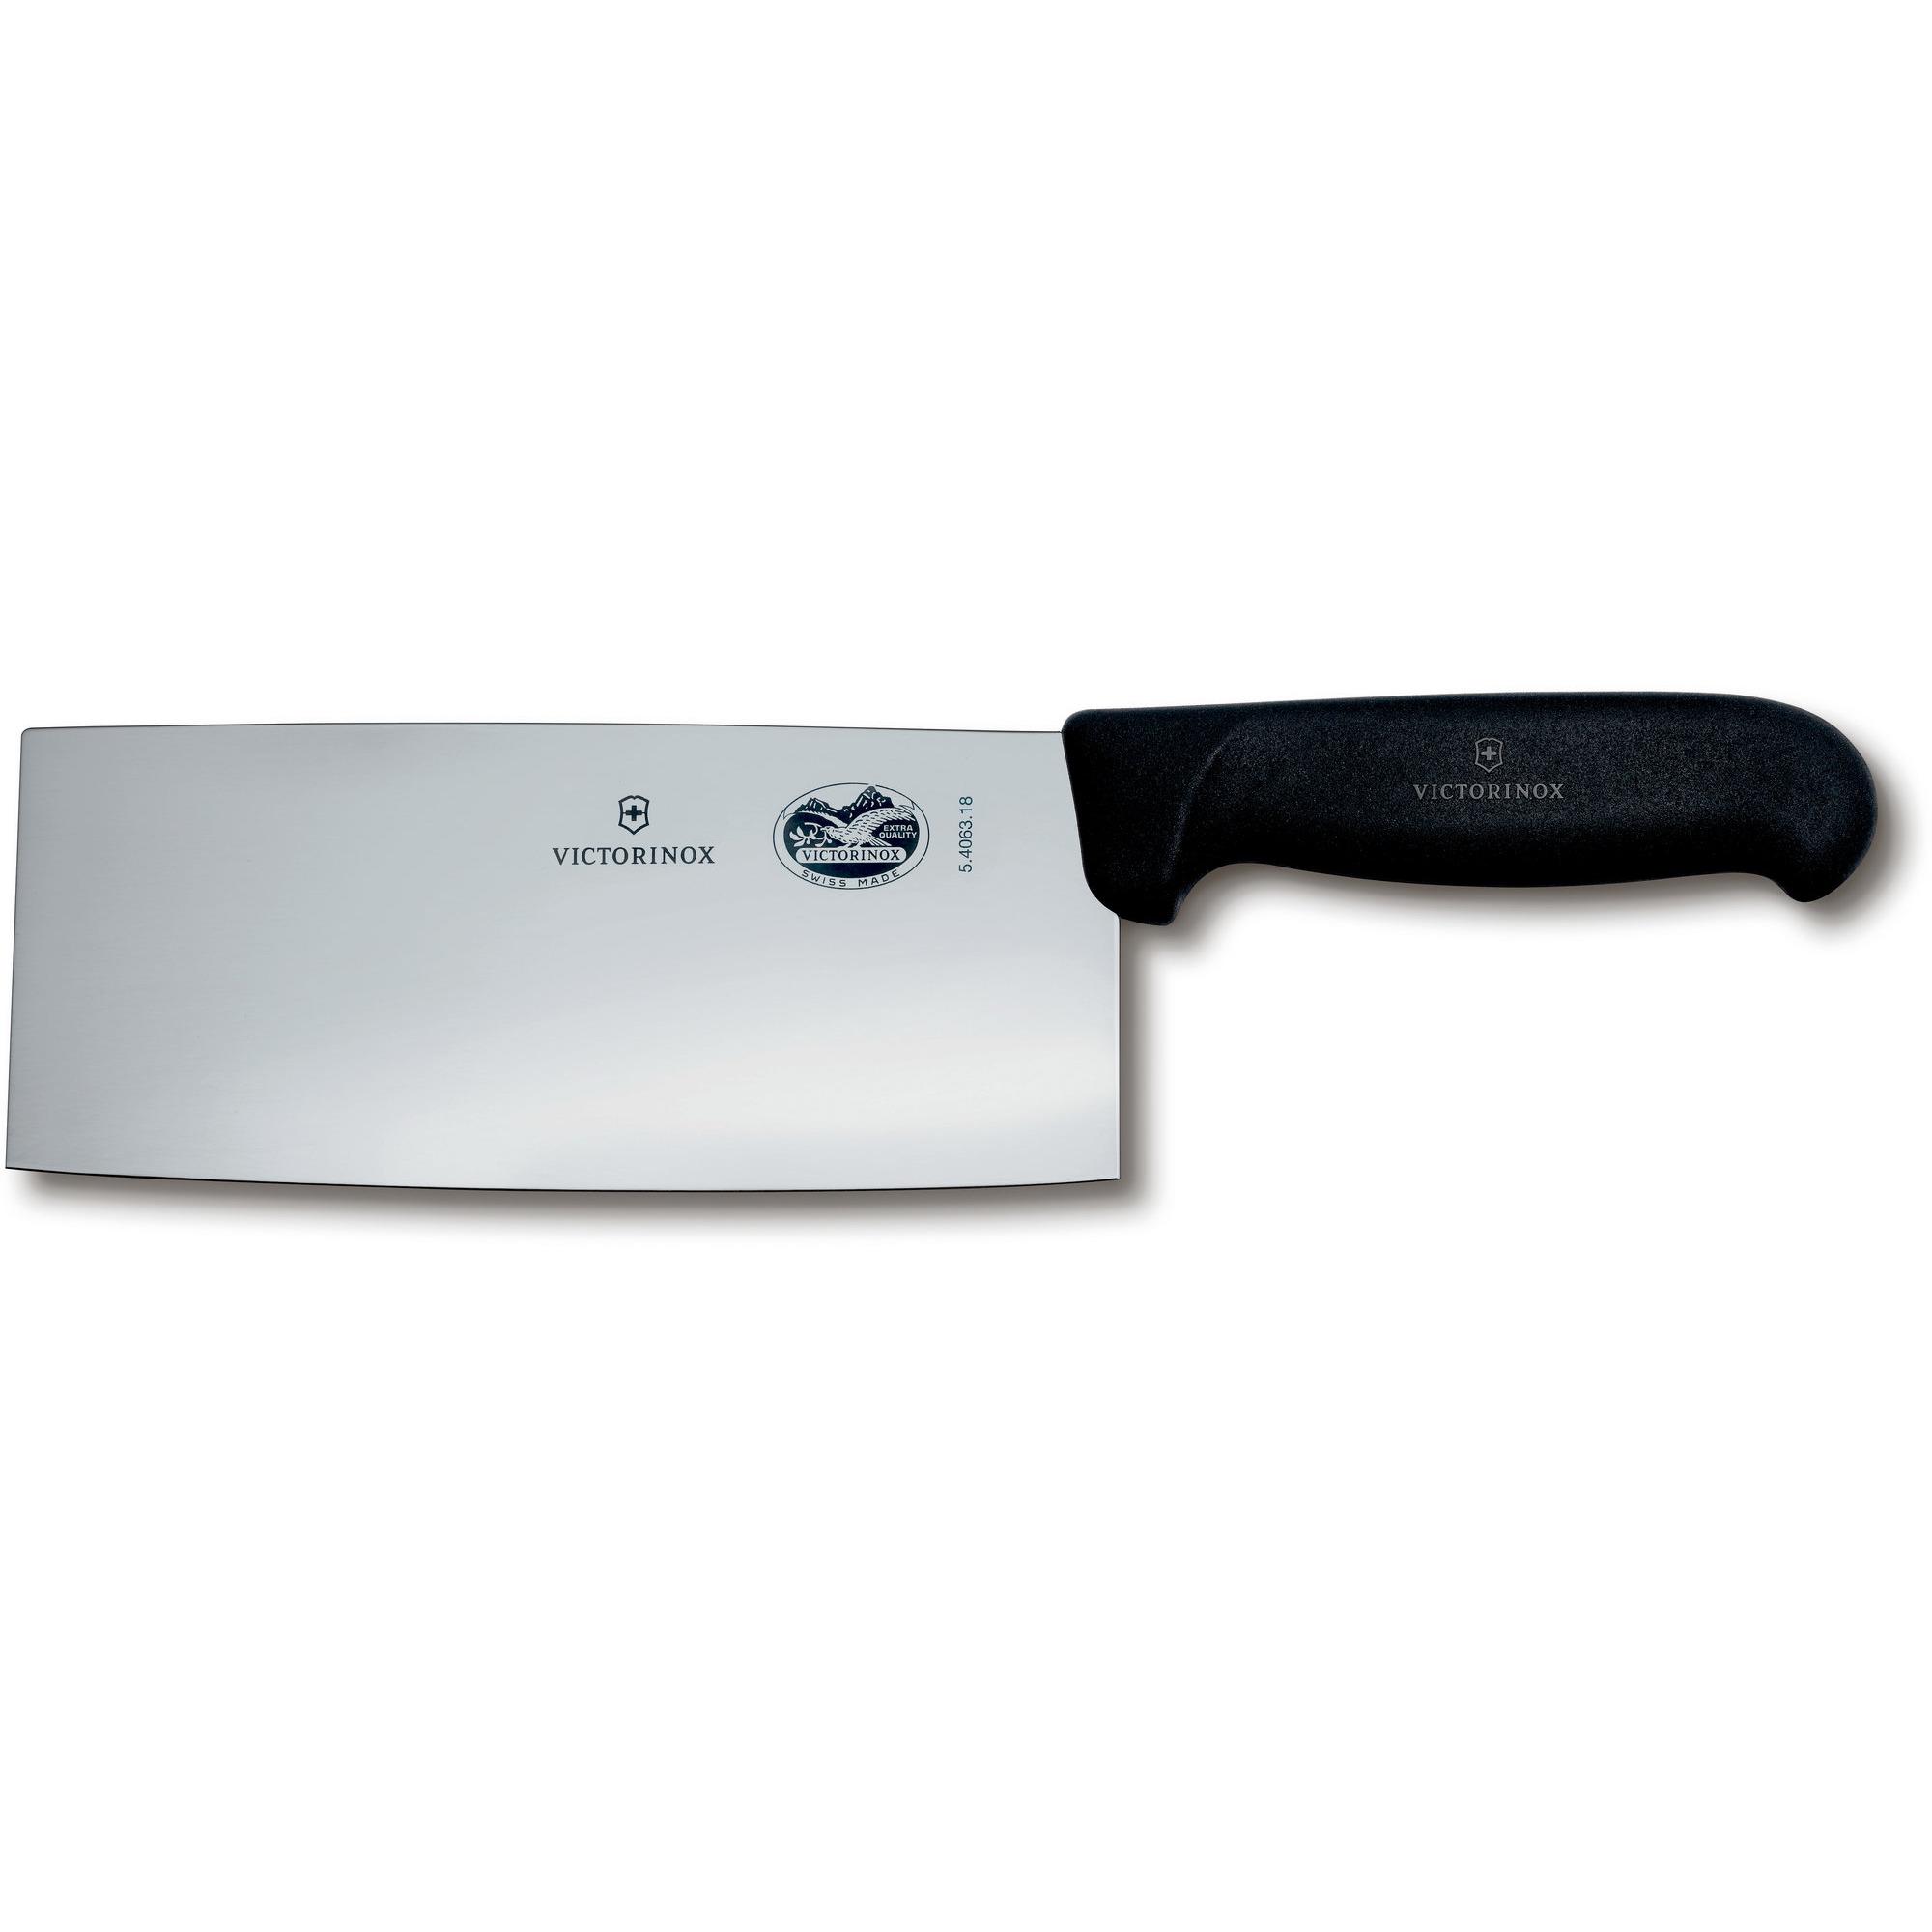 Victorinox Kinesisk Kockkniv med Fibroxhandtag 18 cm